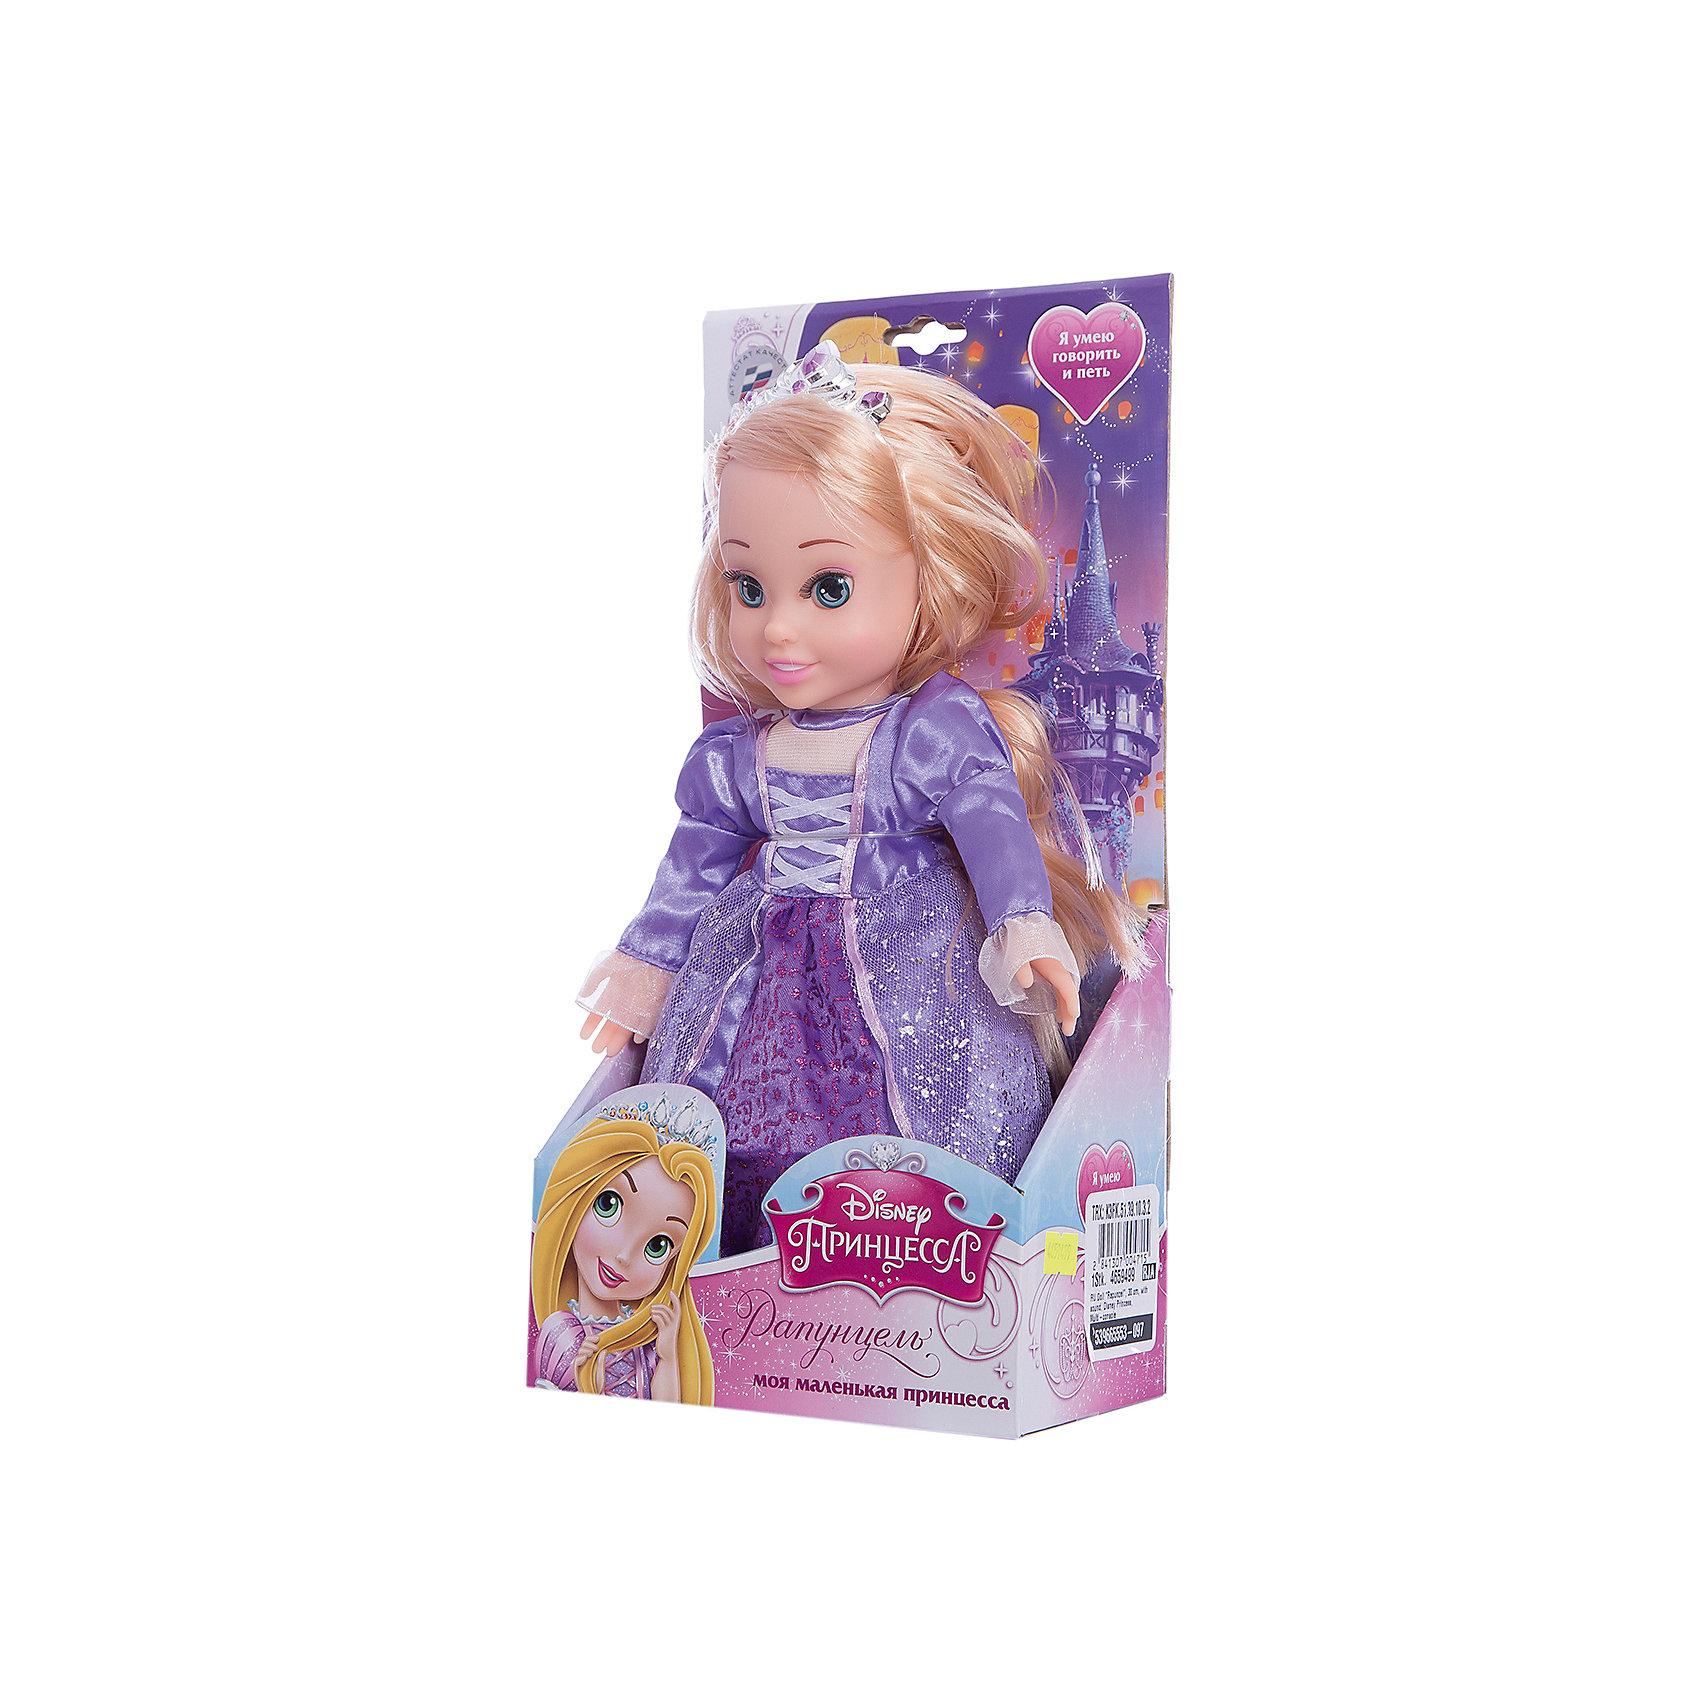 МУЛЬТИ-ПУЛЬТИ Кукла Рапунцель, 30 см, со звуком, Disney Princess, МУЛЬТИ-ПУЛЬТИ мульти пульти мягкая игрушка заяц топотун со звуком disney мульти пульти